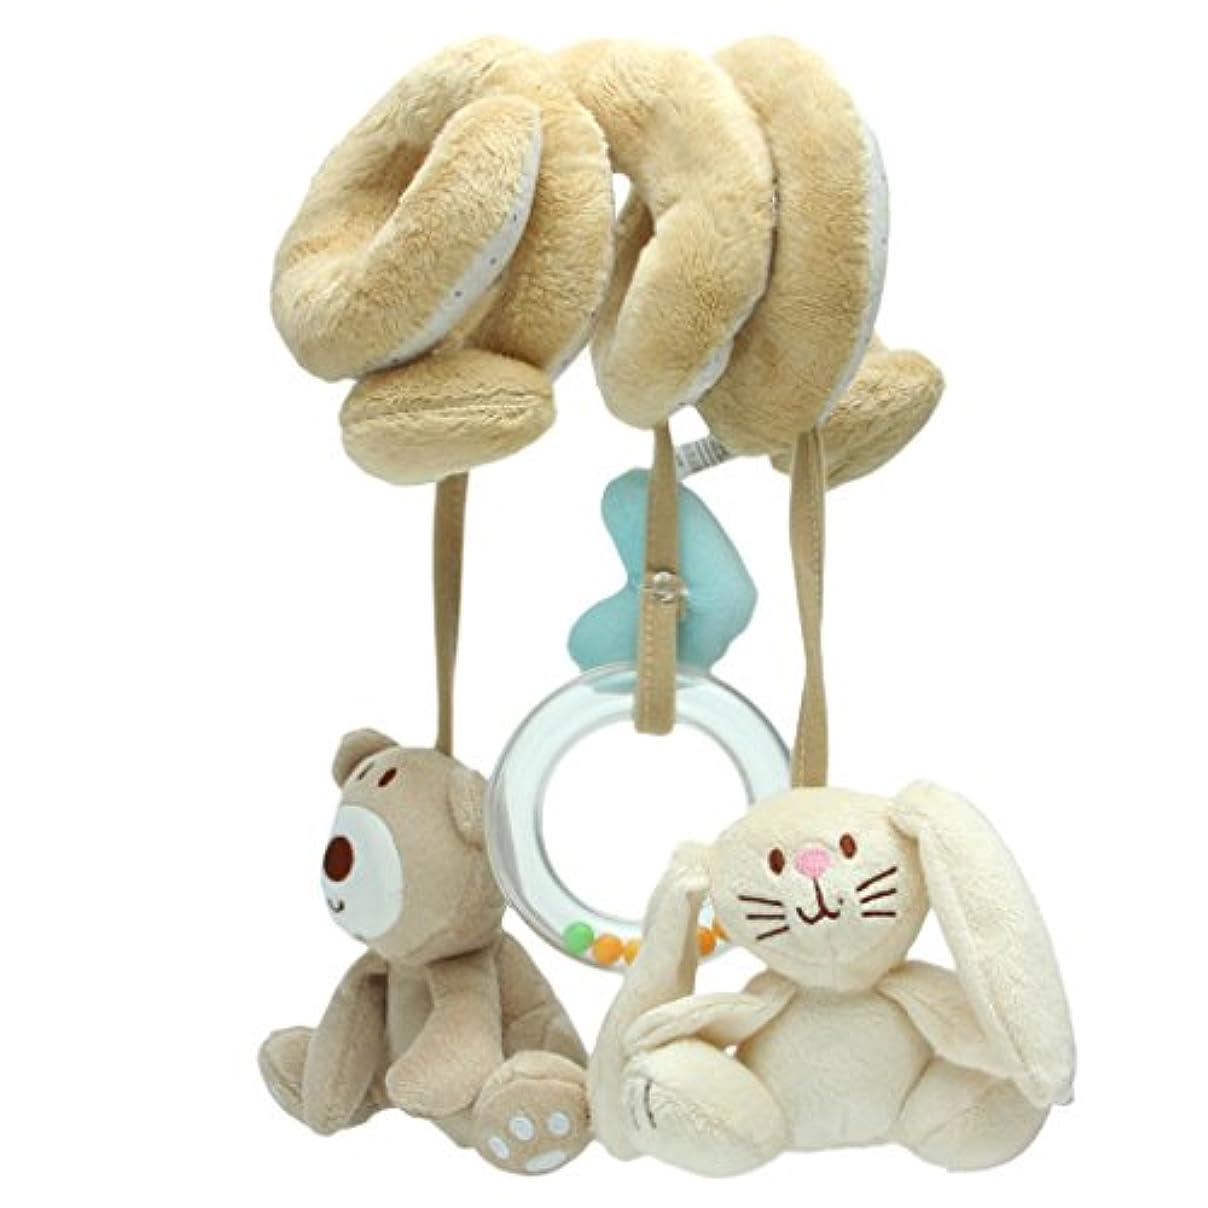 進む九拘束するChone Baby Rattle Toy with Sound – ベビーカーカーシートハンギングベル旅行 – アクティビティスパイラルレイズHanging Rattles Toy – Kids Play Toy S D16727